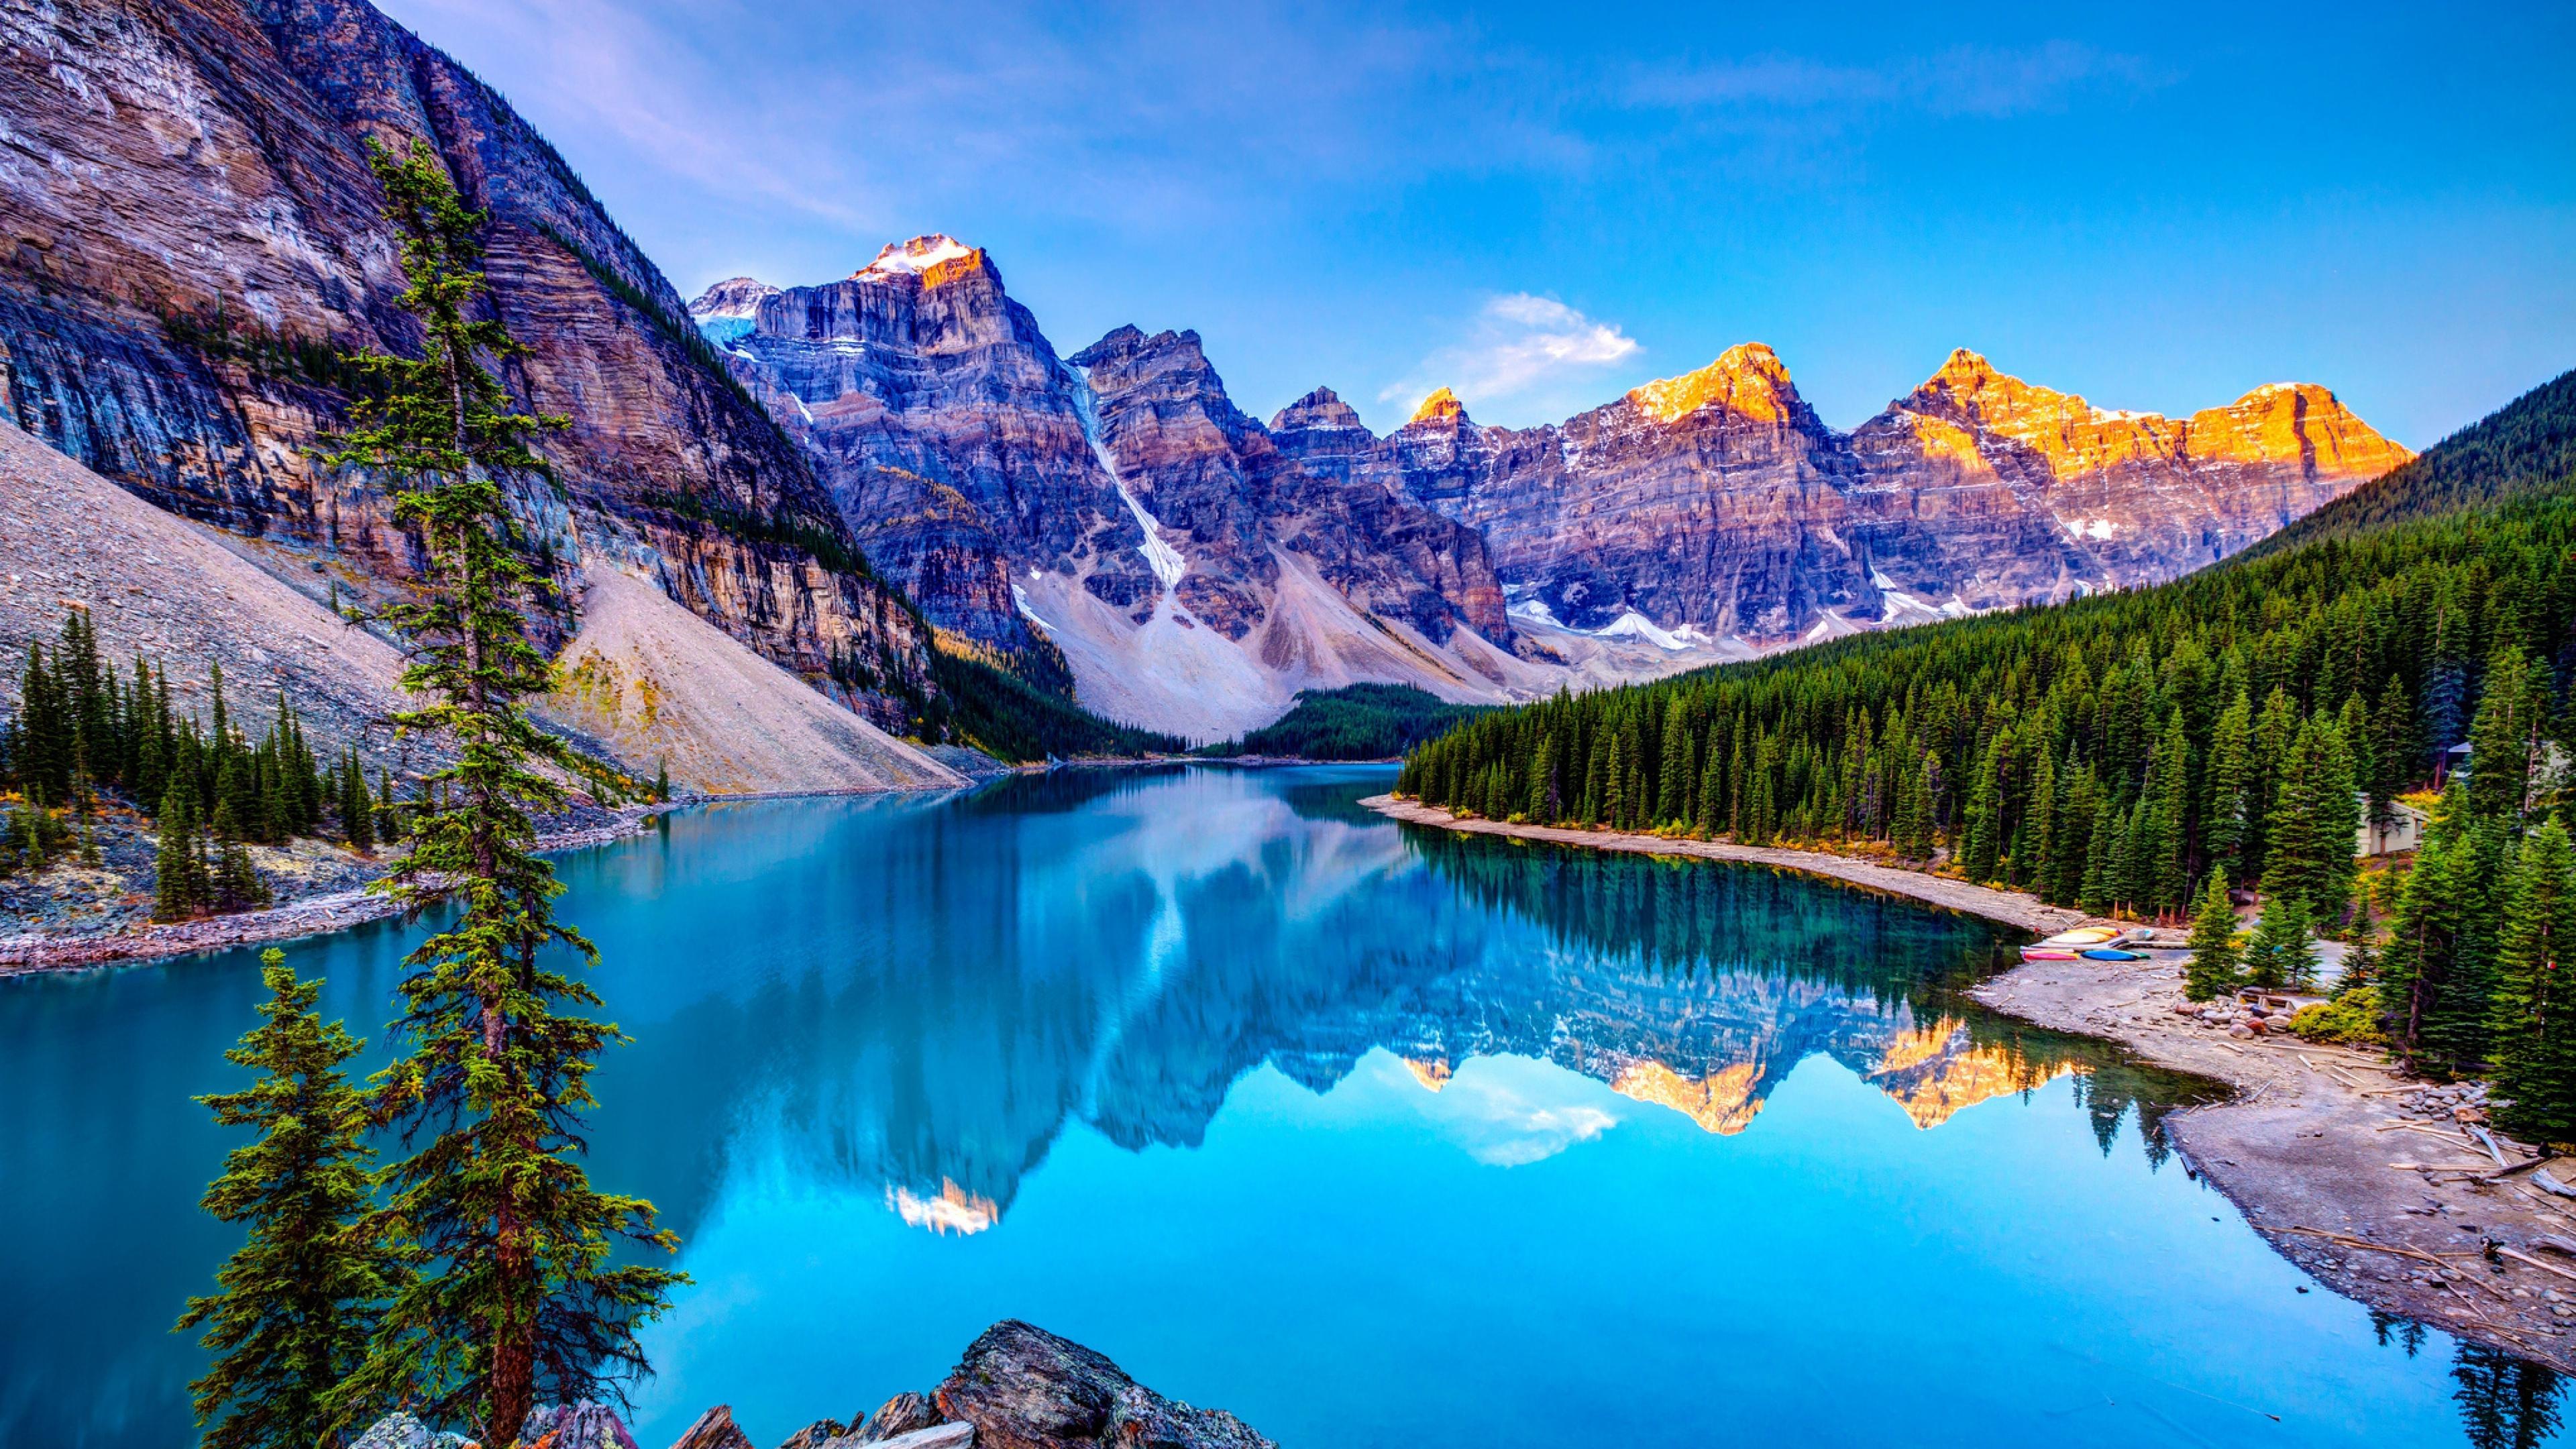 4k wallpaper 3840x2160 lake wallpapersafari - Nature wallpaper 4k iphone ...